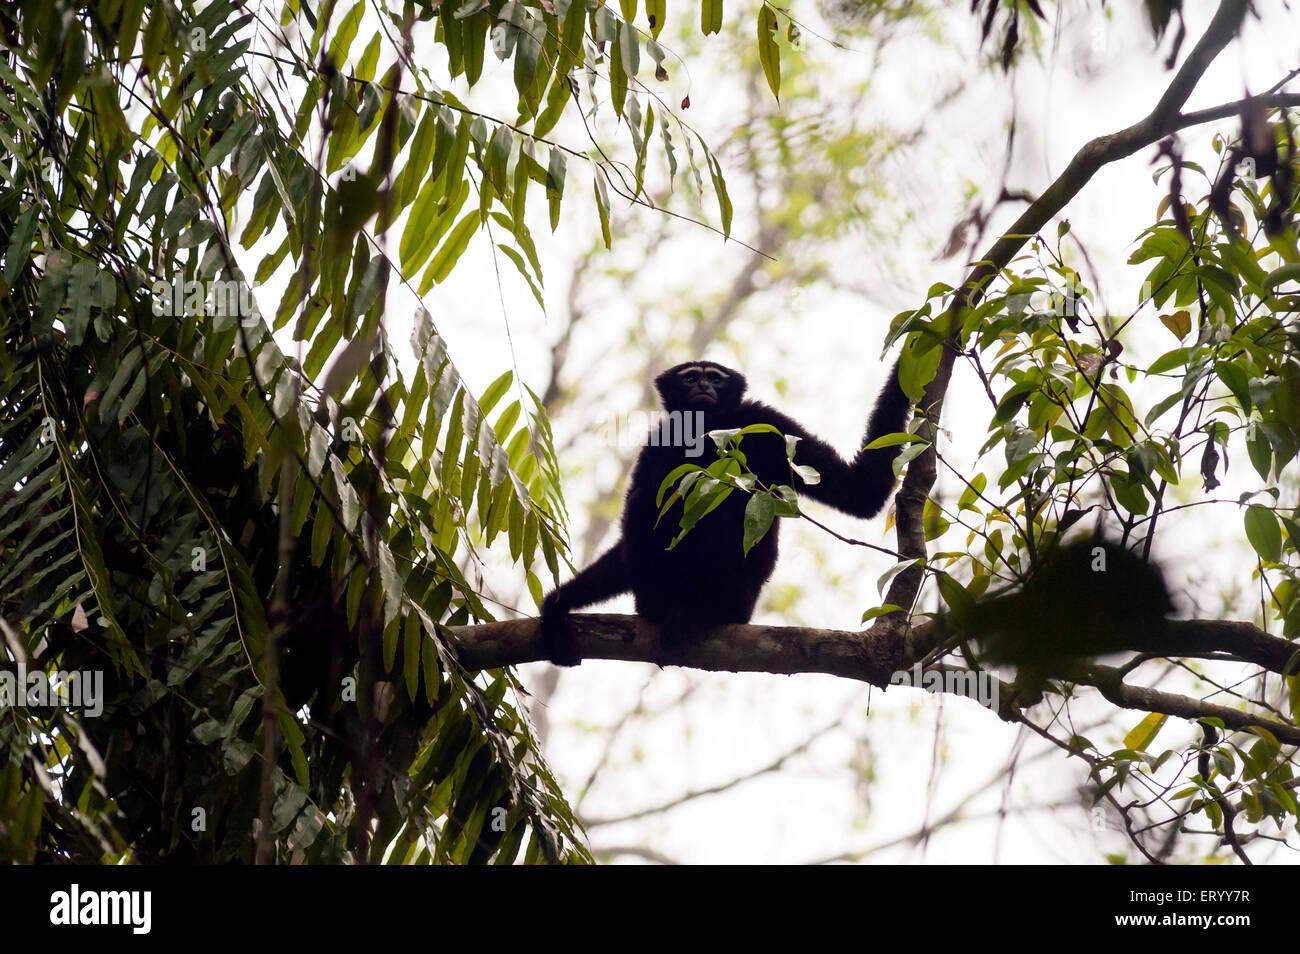 schwarzen männlichen Hollong Gibbons auf Ast in Jorhat in Assam Indien Asien Stockbild